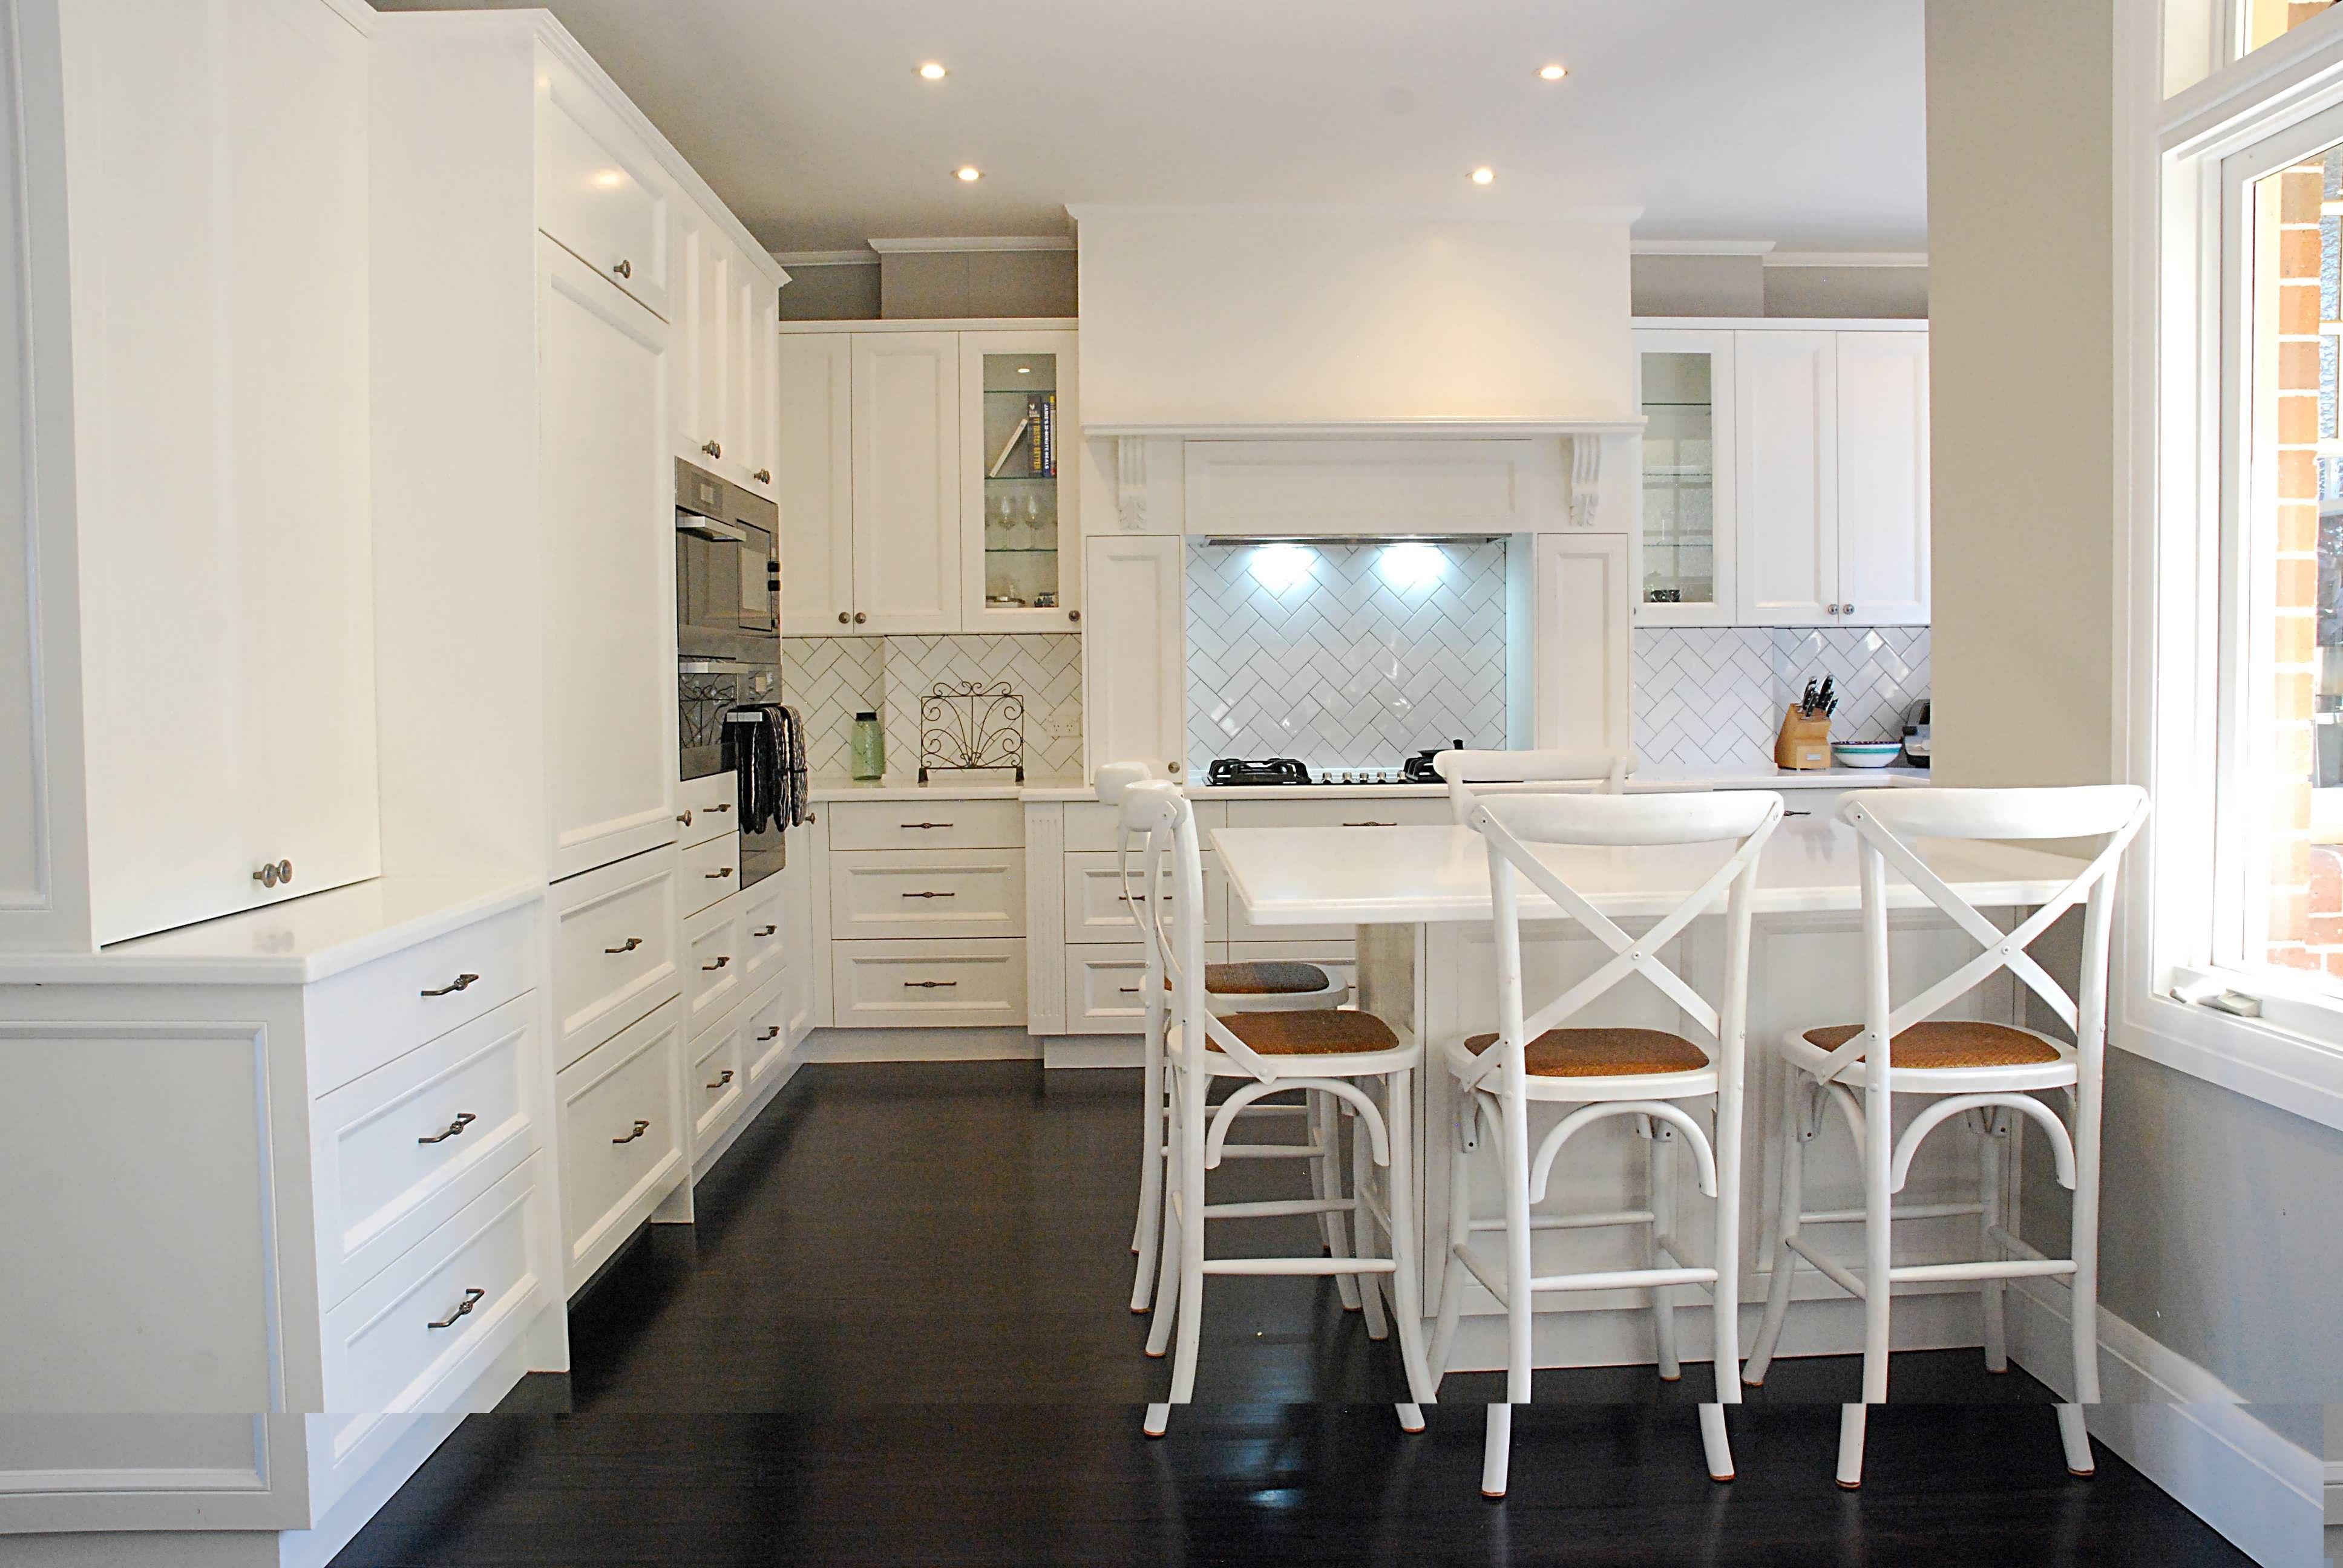 Kitchen Design Etobicoke Home Decor Home Designs Ideas Home Decor Home Interiors Classic Kitchen Design Kitchen Design Trends Kitchen Bar Design